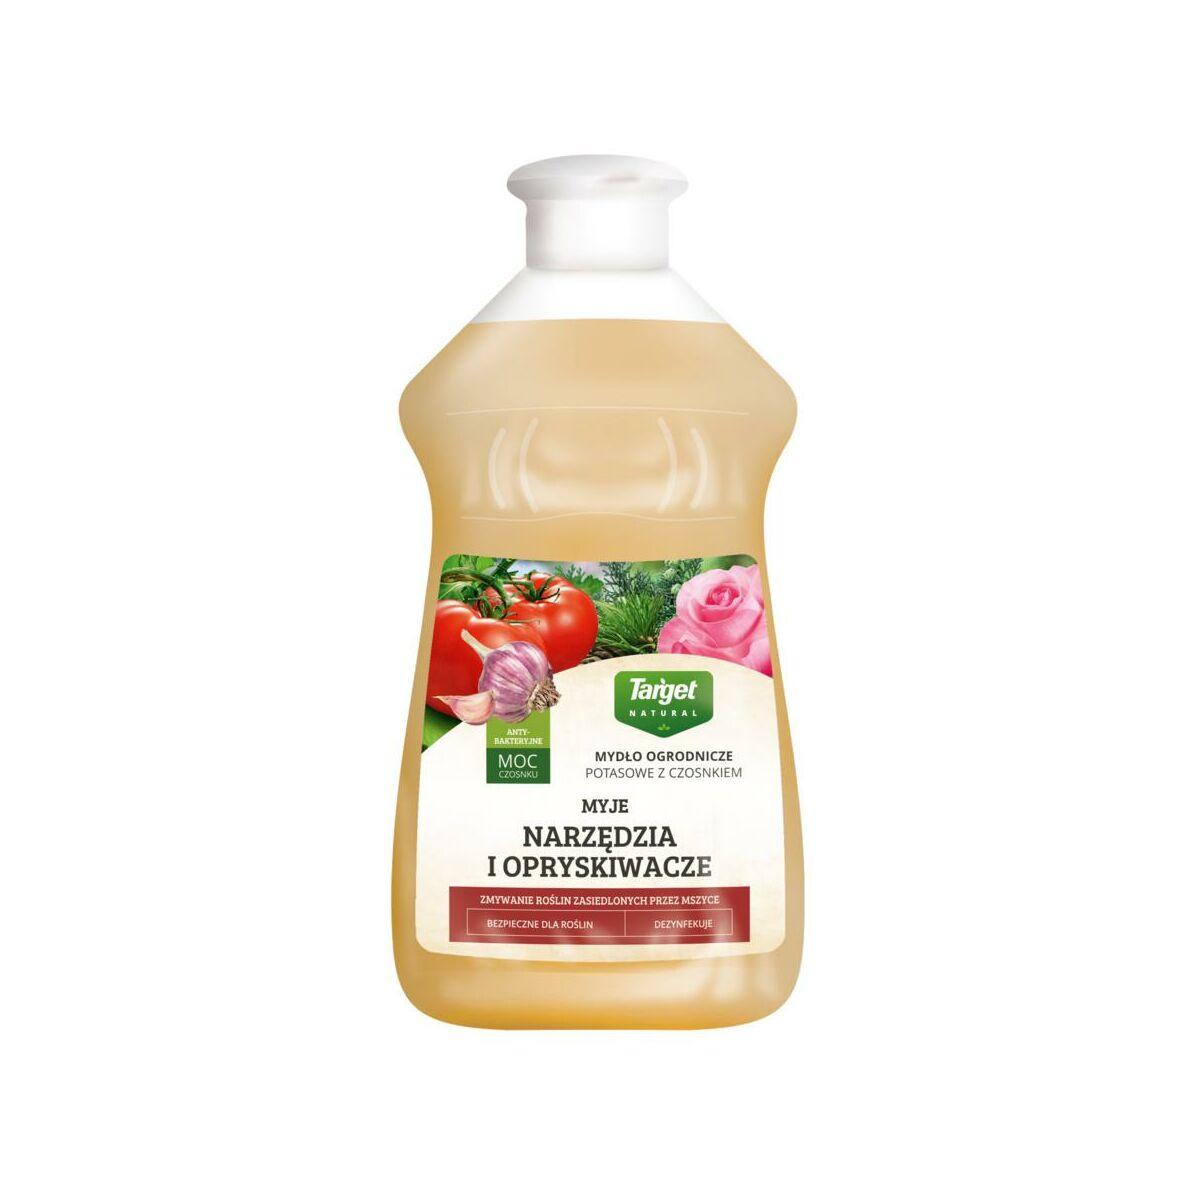 Mydlo Ogrodnicze Potasowe Z Czosnkiem 0 5 L Target Natural Srodki Czystosci Preparaty Pielegnujace W Atrakcyjnej Cenie W Sklepach Leroy Merlin